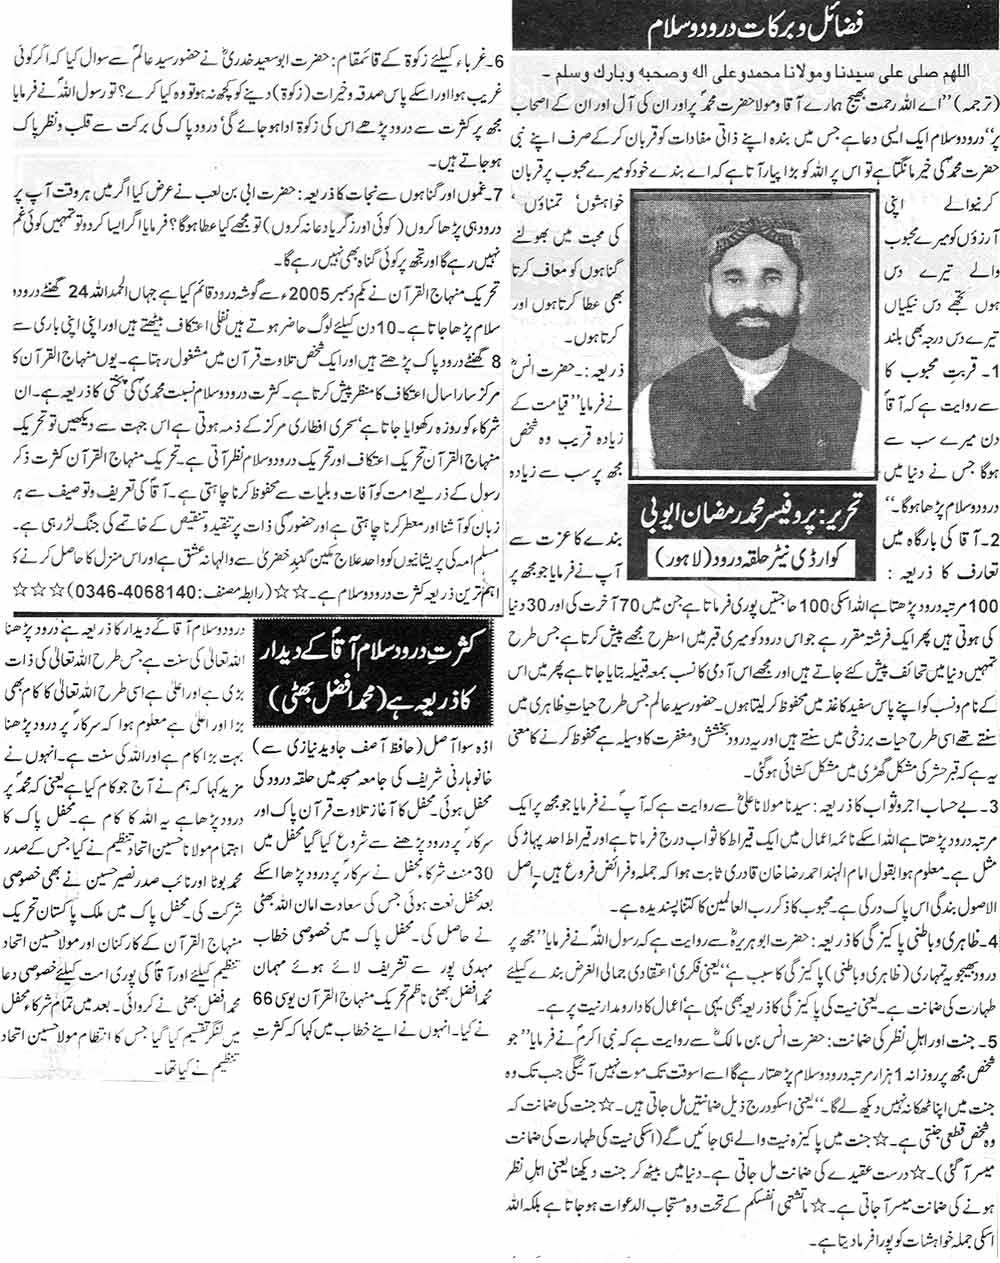 تحریک منہاج القرآن Minhaj-ul-Quran  Print Media Coverage پرنٹ میڈیا کوریج Weekly Gulistan